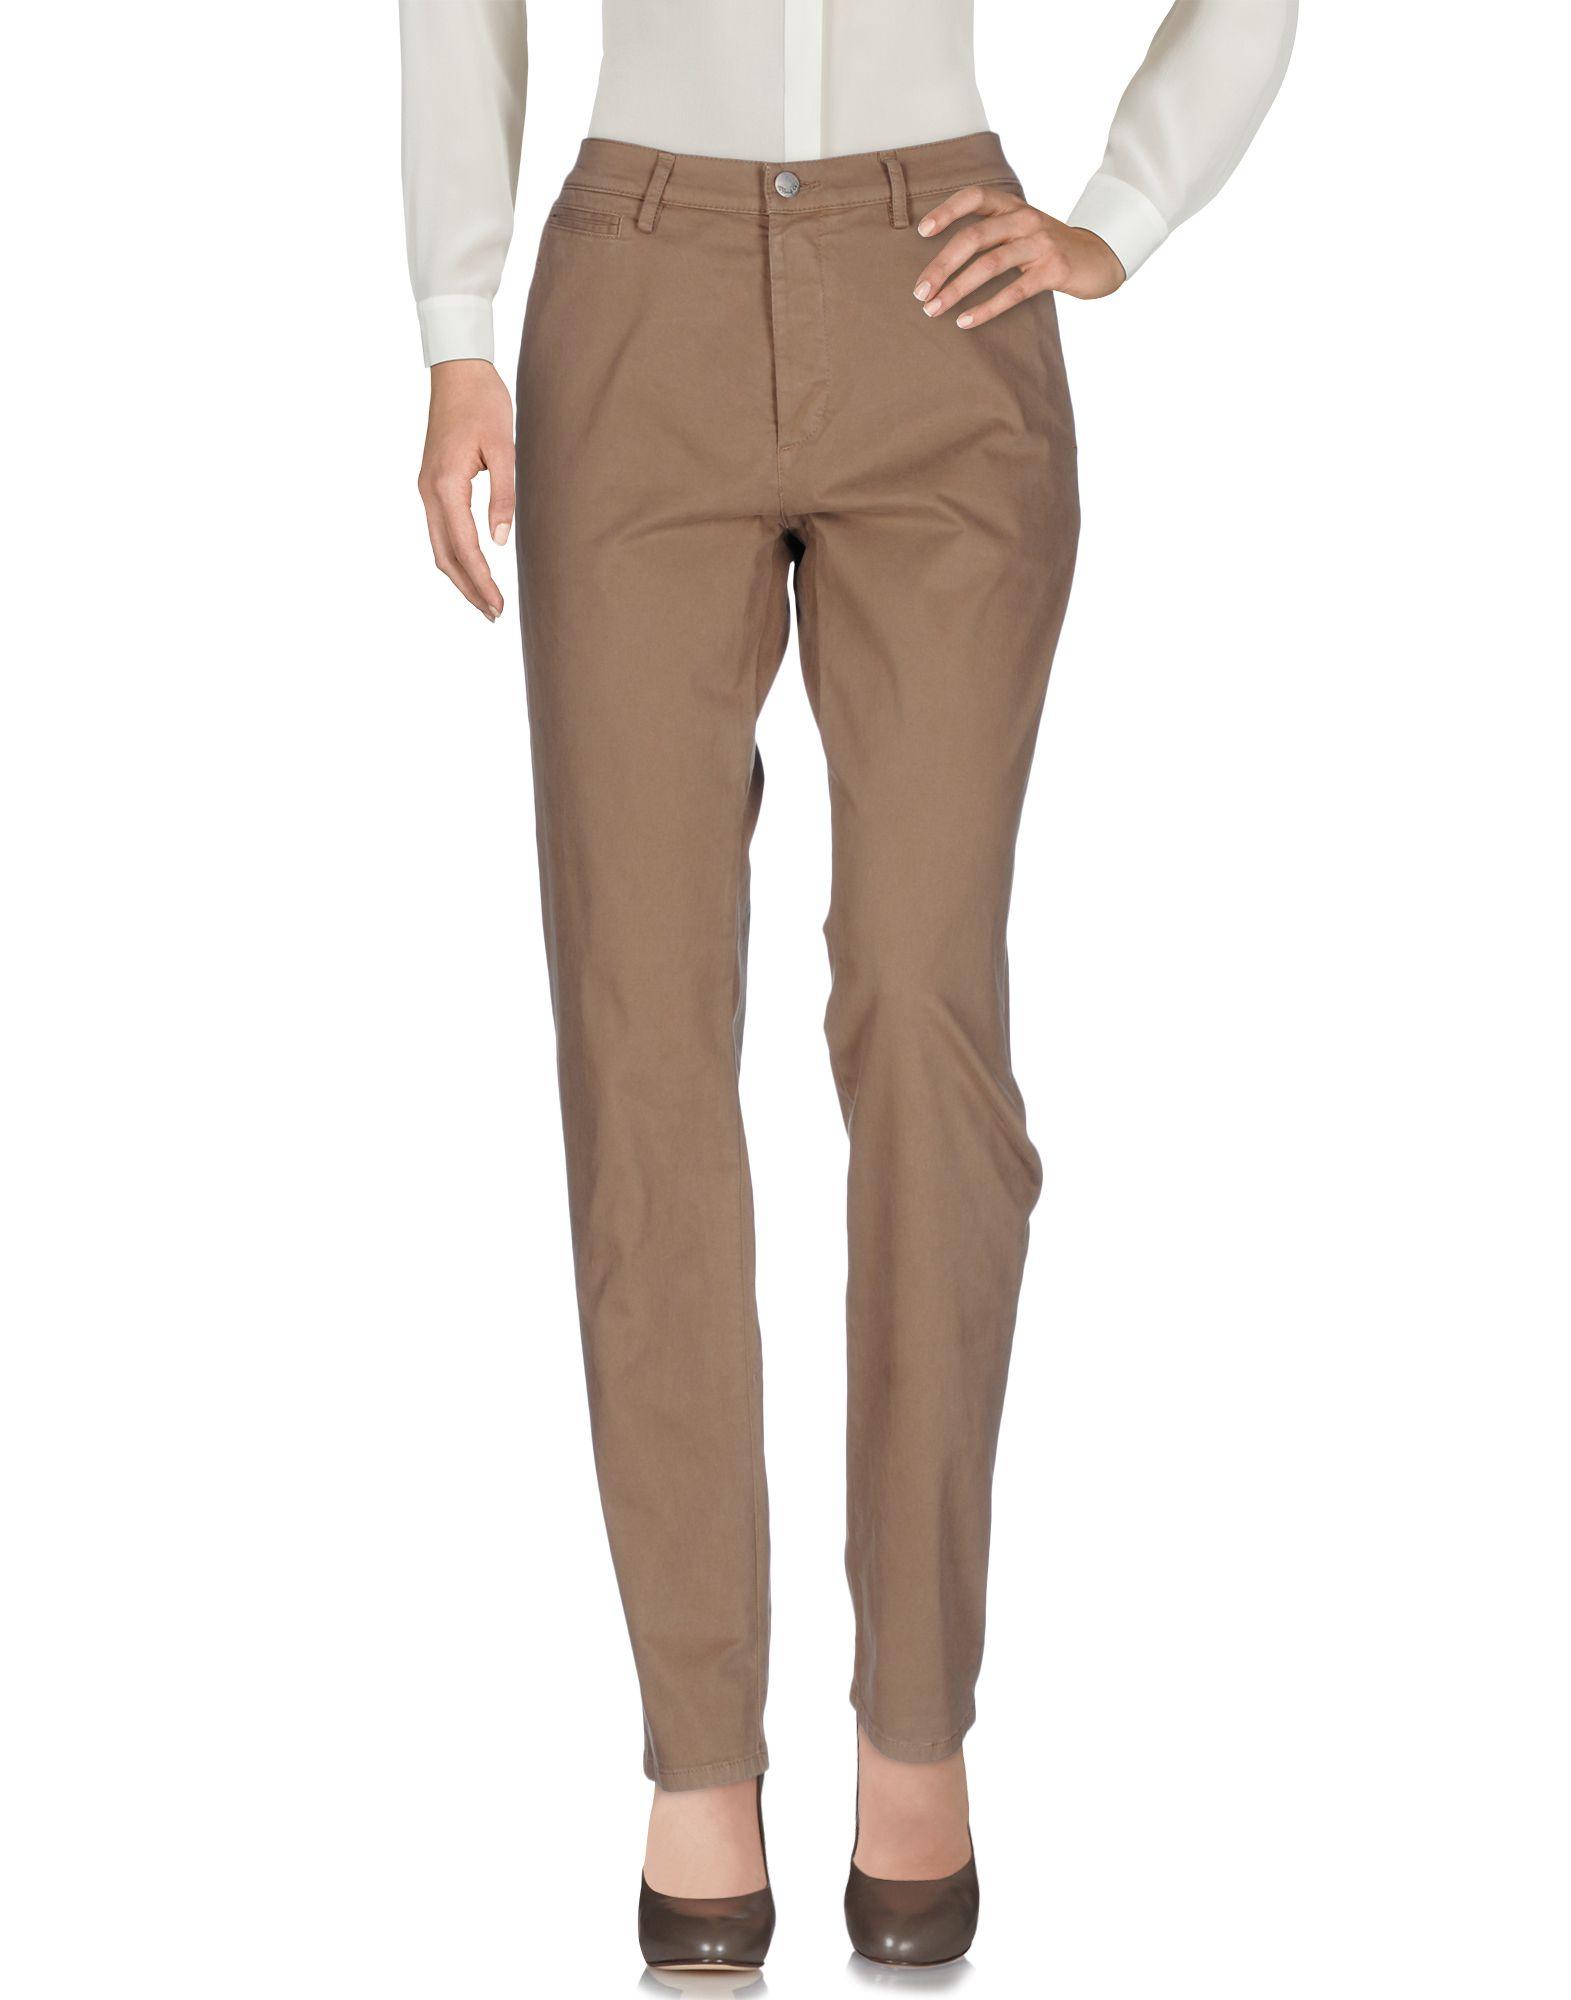 GREY DANIELE ALESSANDRINI Повседневные брюки брюки сноубордические цена 1500